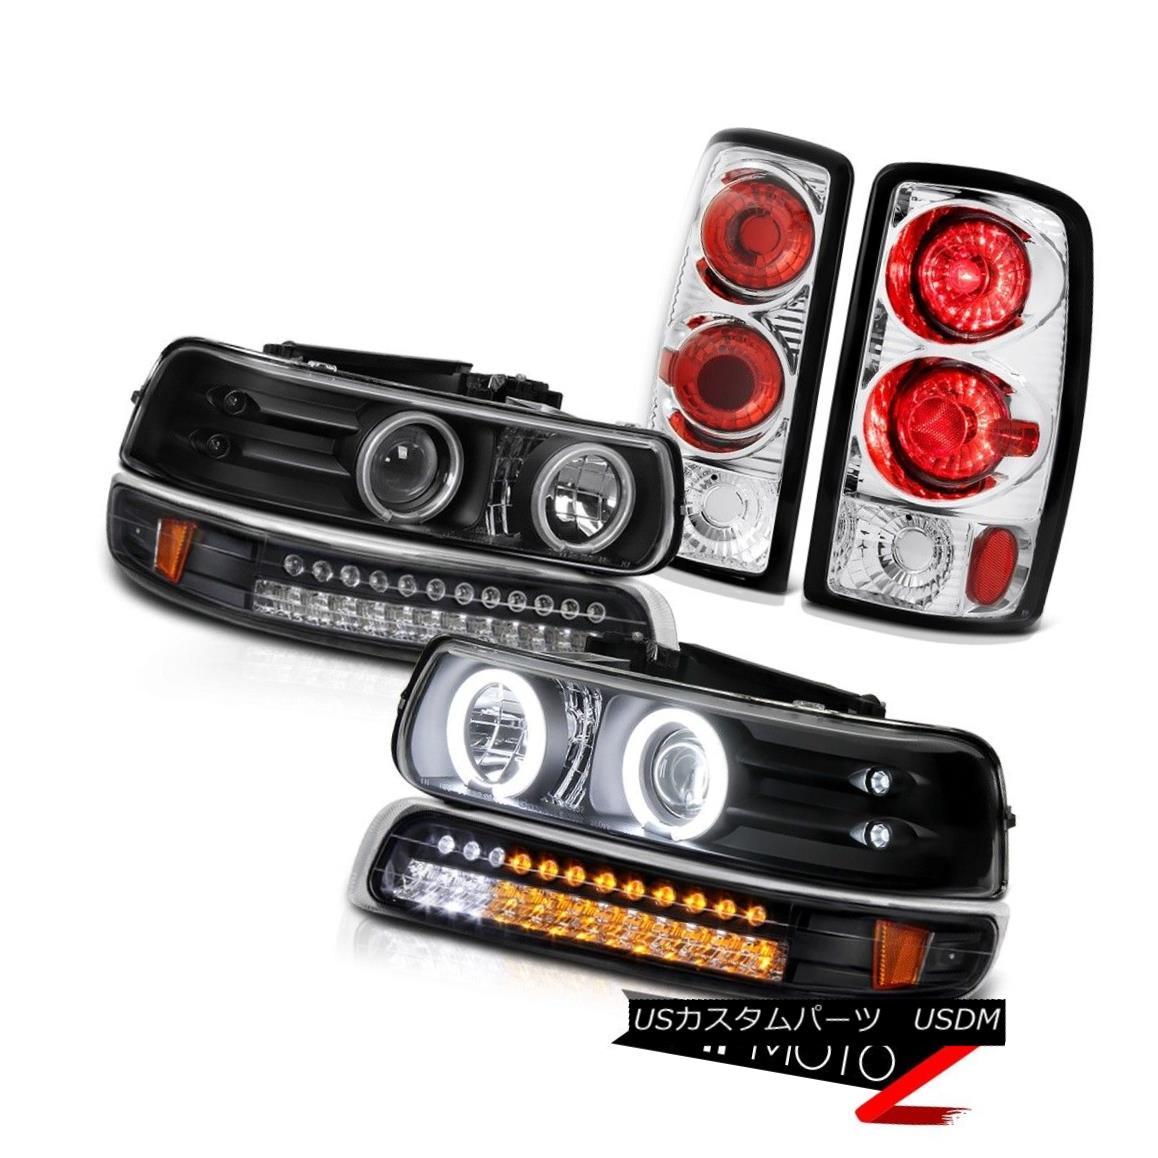 ヘッドライト CCFL Angel Eye Headlights LED Bumper Rear Signal Brake Lights 01-06 Suburban Z71 CCFLエンジェルアイヘッドライトLEDバンパーリアシグナルブレーキライト01-06郊外Z71